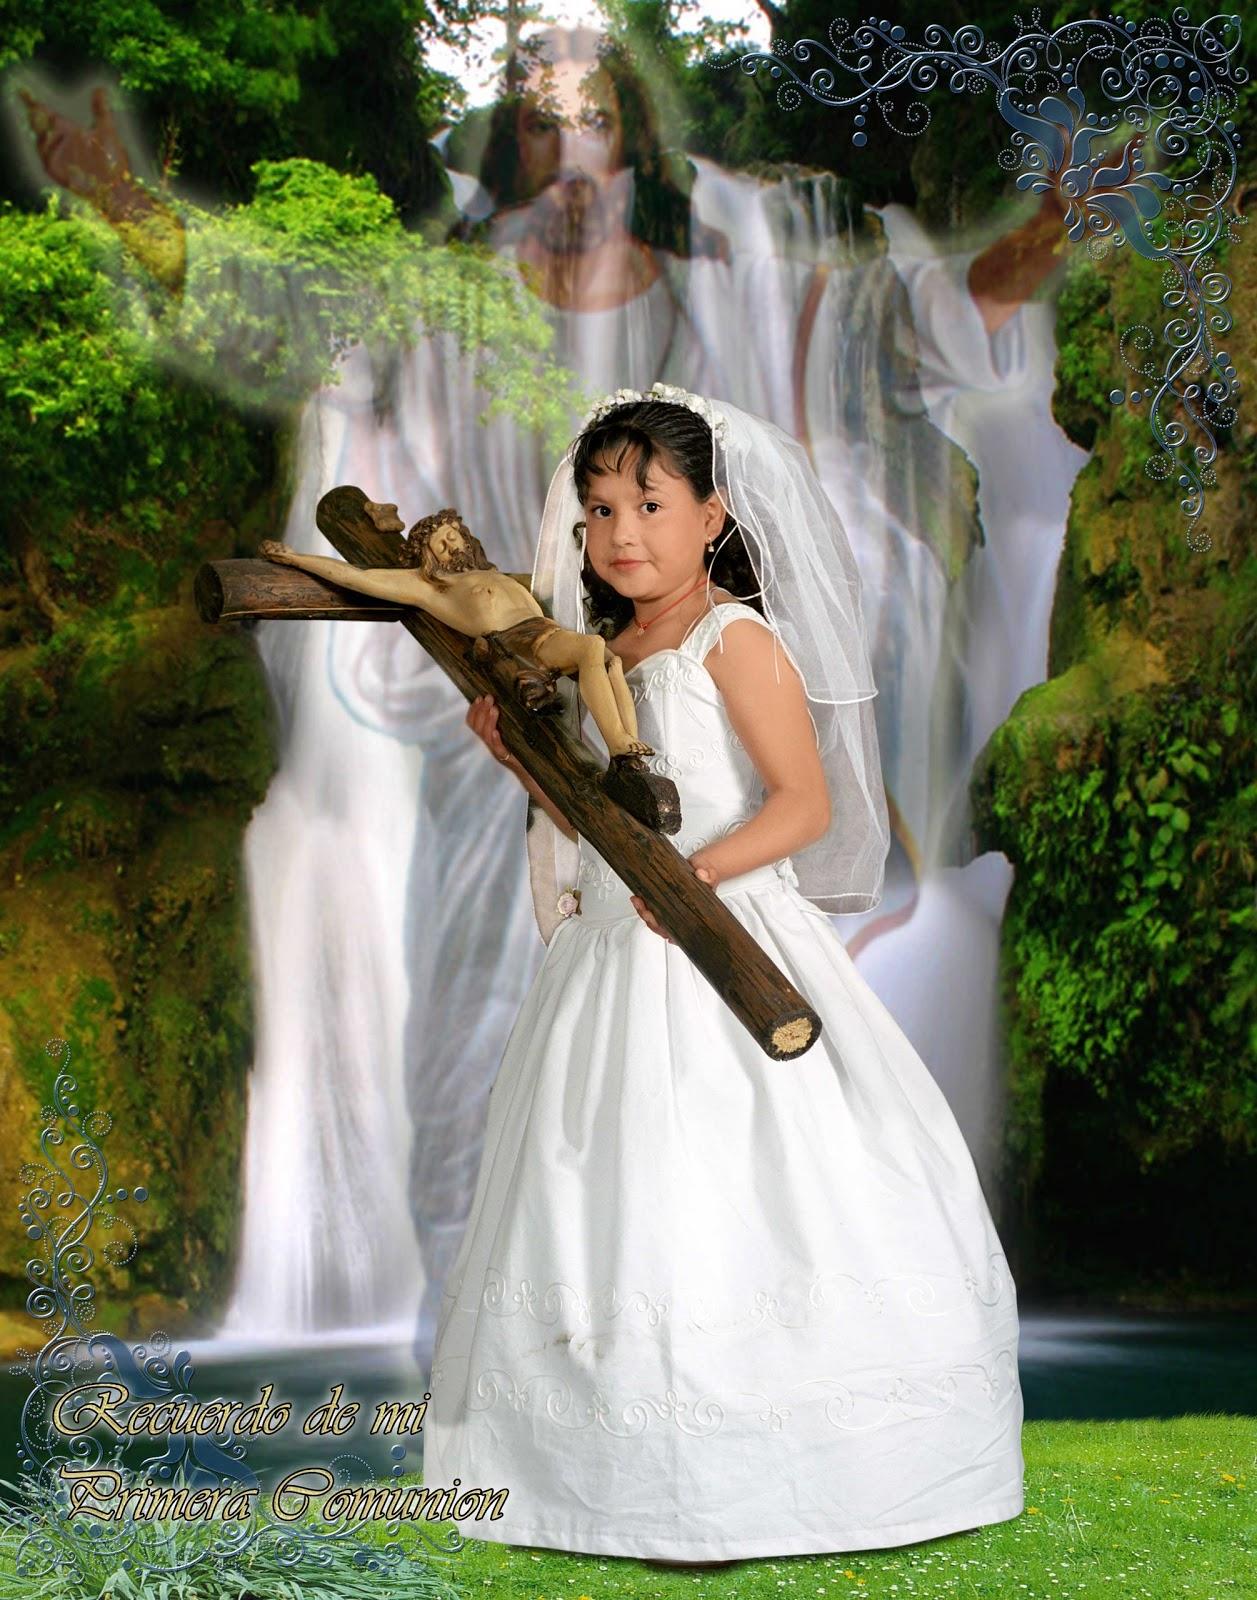 http://3.bp.blogspot.com/-5ti5i86efeQ/TyLaPBmHqKI/AAAAAAAAAGU/8zXygh_If0s/s1600/FONDO+RELIGIOSO+CON+CASCADA.jpg